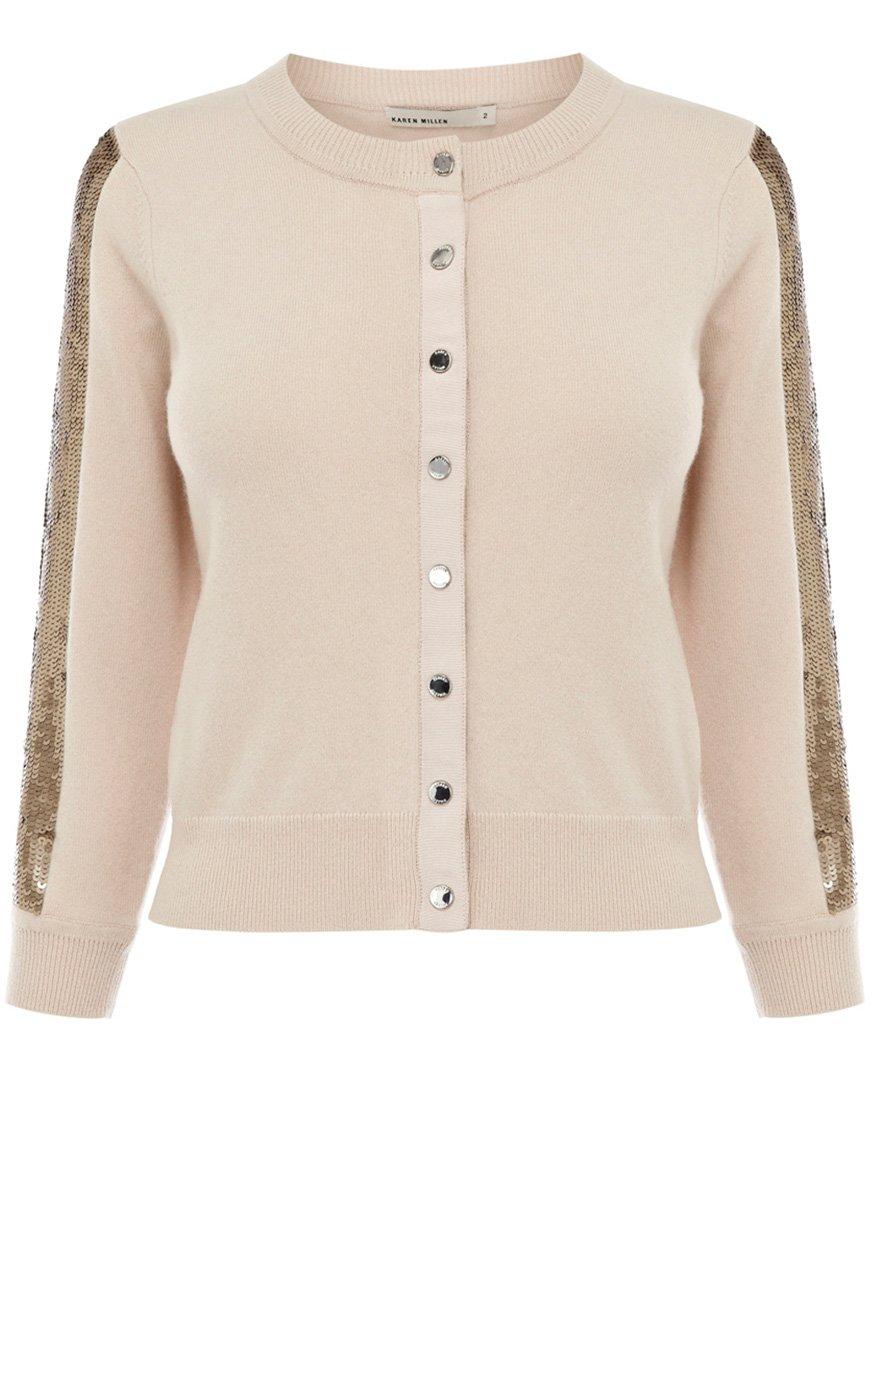 Karen millen Sequin 3 4 Sleeve Cardigan in Natural   Lyst